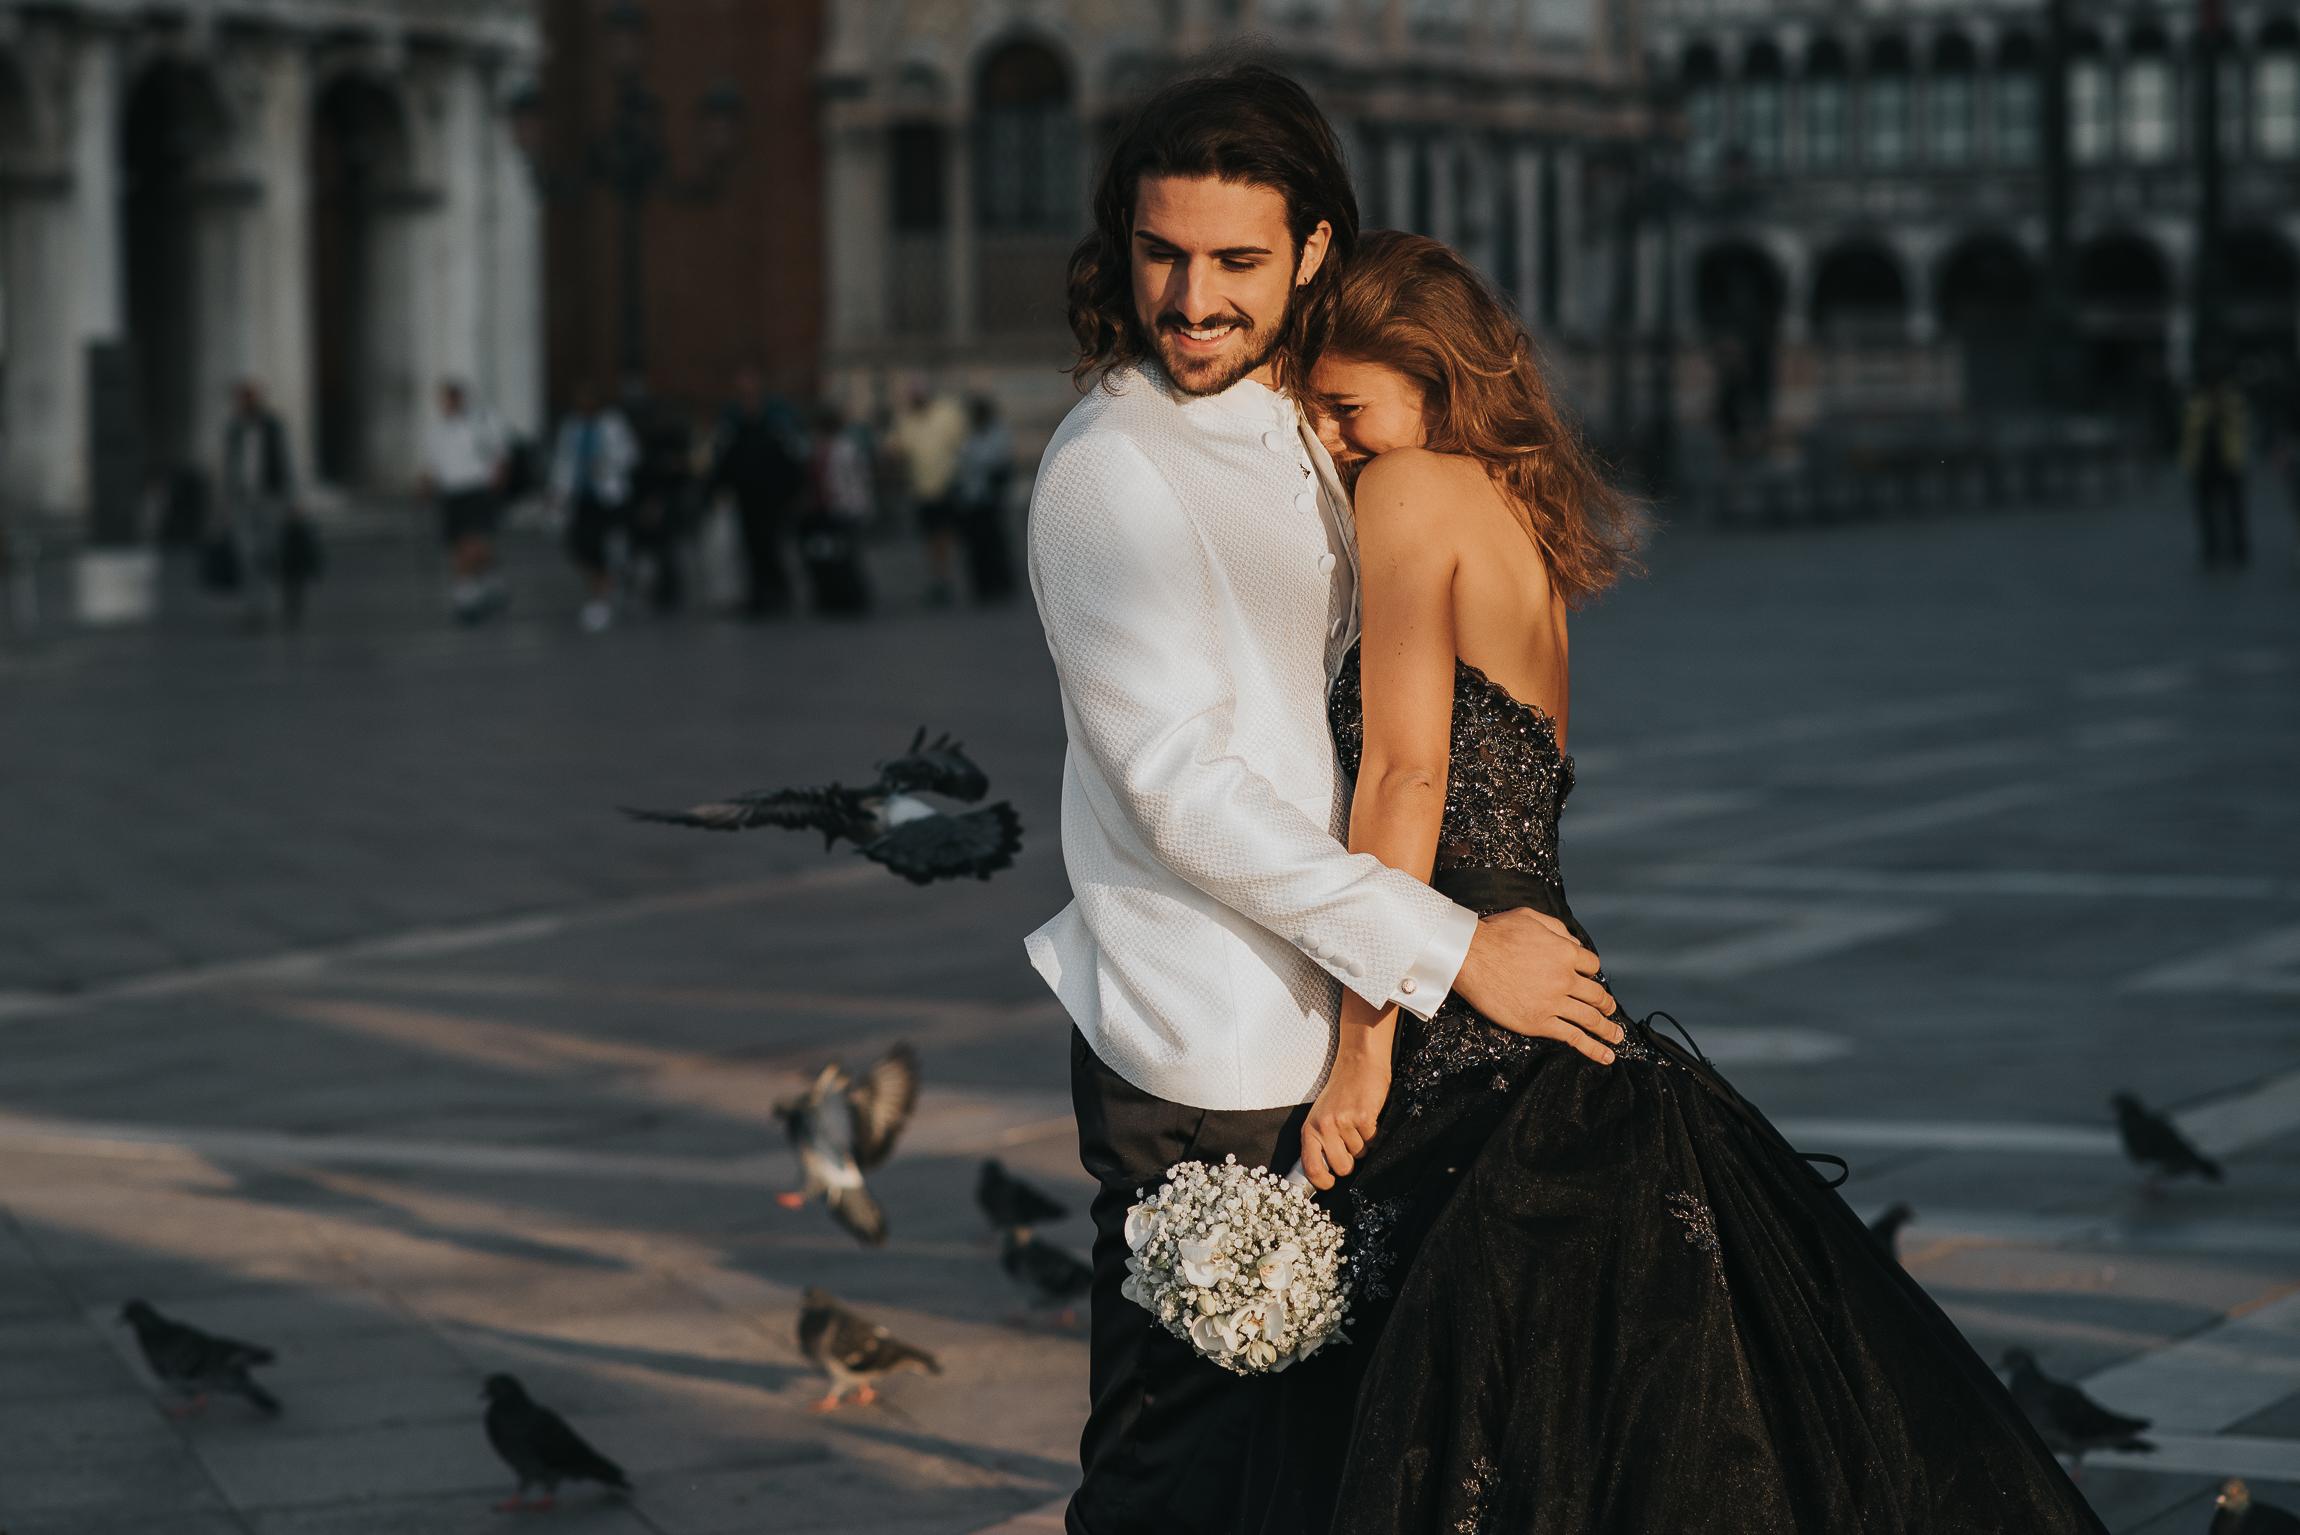 Servizio di coppia a Venezia. Serena & David. Il Blog di Michelino Studio, Fotografo di matrimonio in Veneto. Serena-David-8.jpg